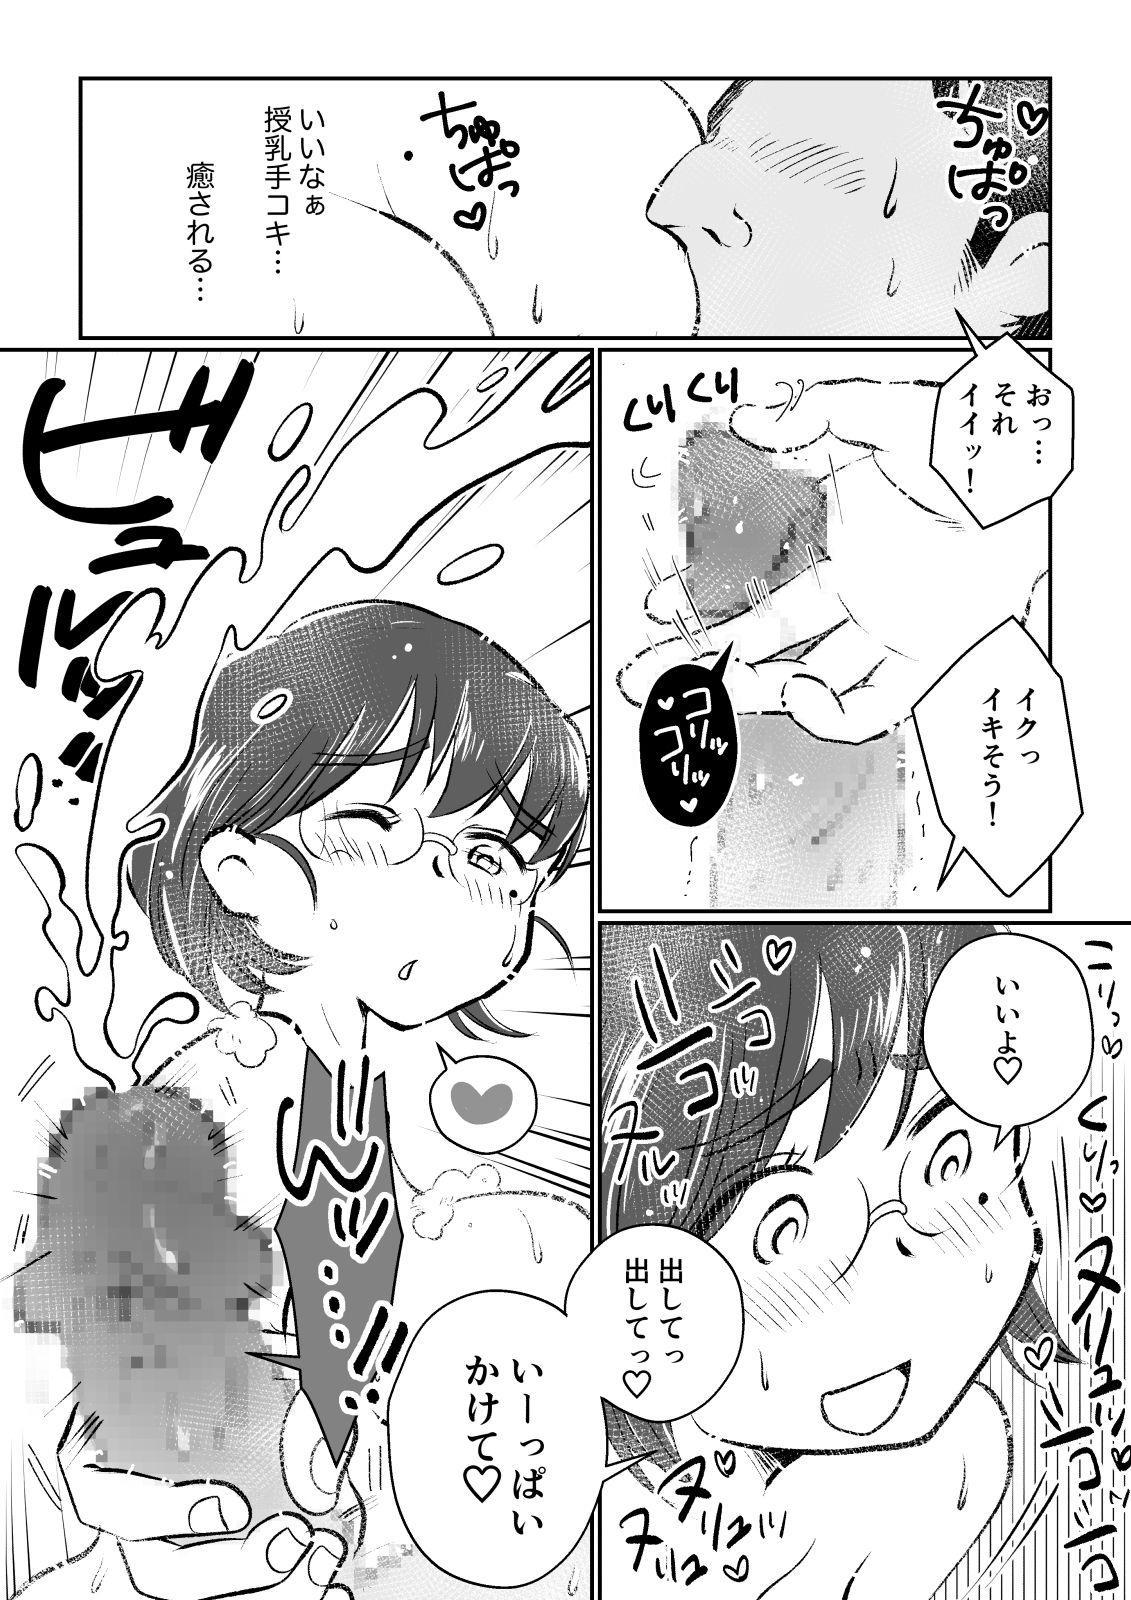 [Megitsune Works] Wakazuma-san wa Yokkyuu Fuman! Akogare no Shisho no Wakazuma-san ga Gakusei Beit no Boku no Fudeoroshi o Shite kuremashita. 7